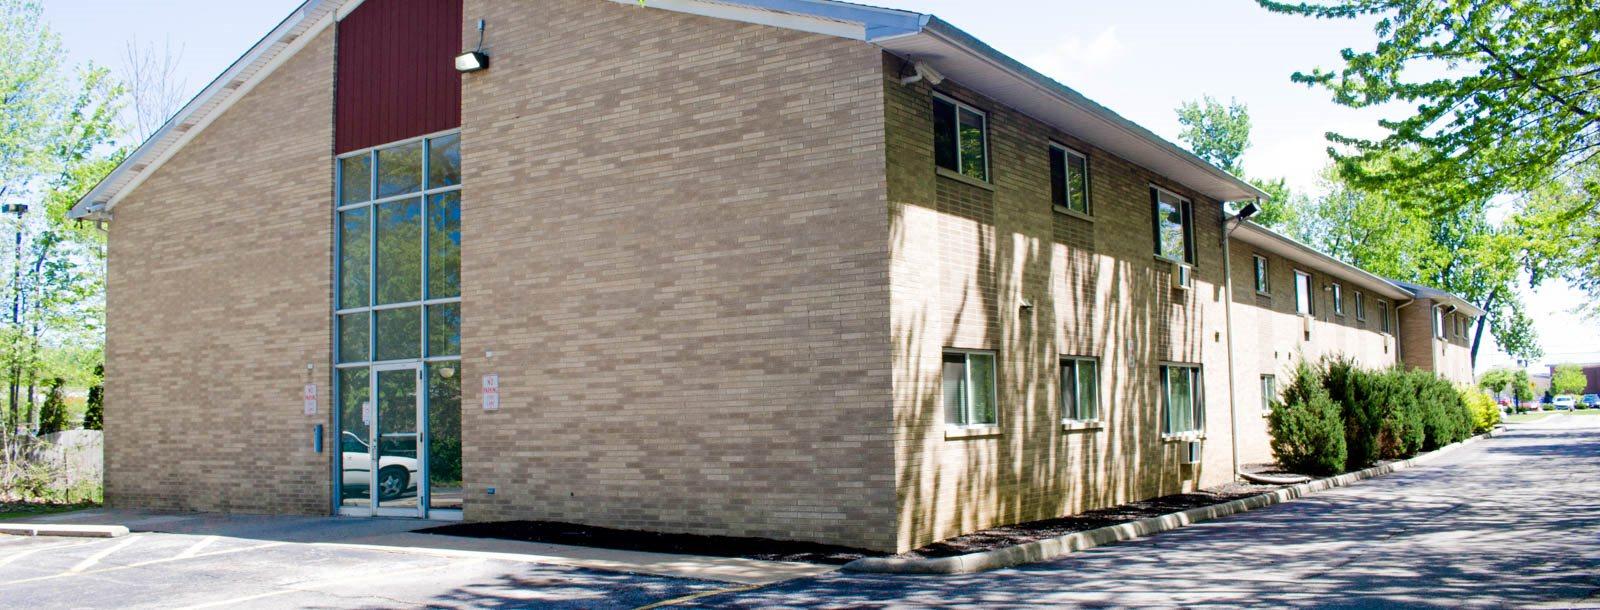 Maple Eastlake Apartments homepagegallery 2